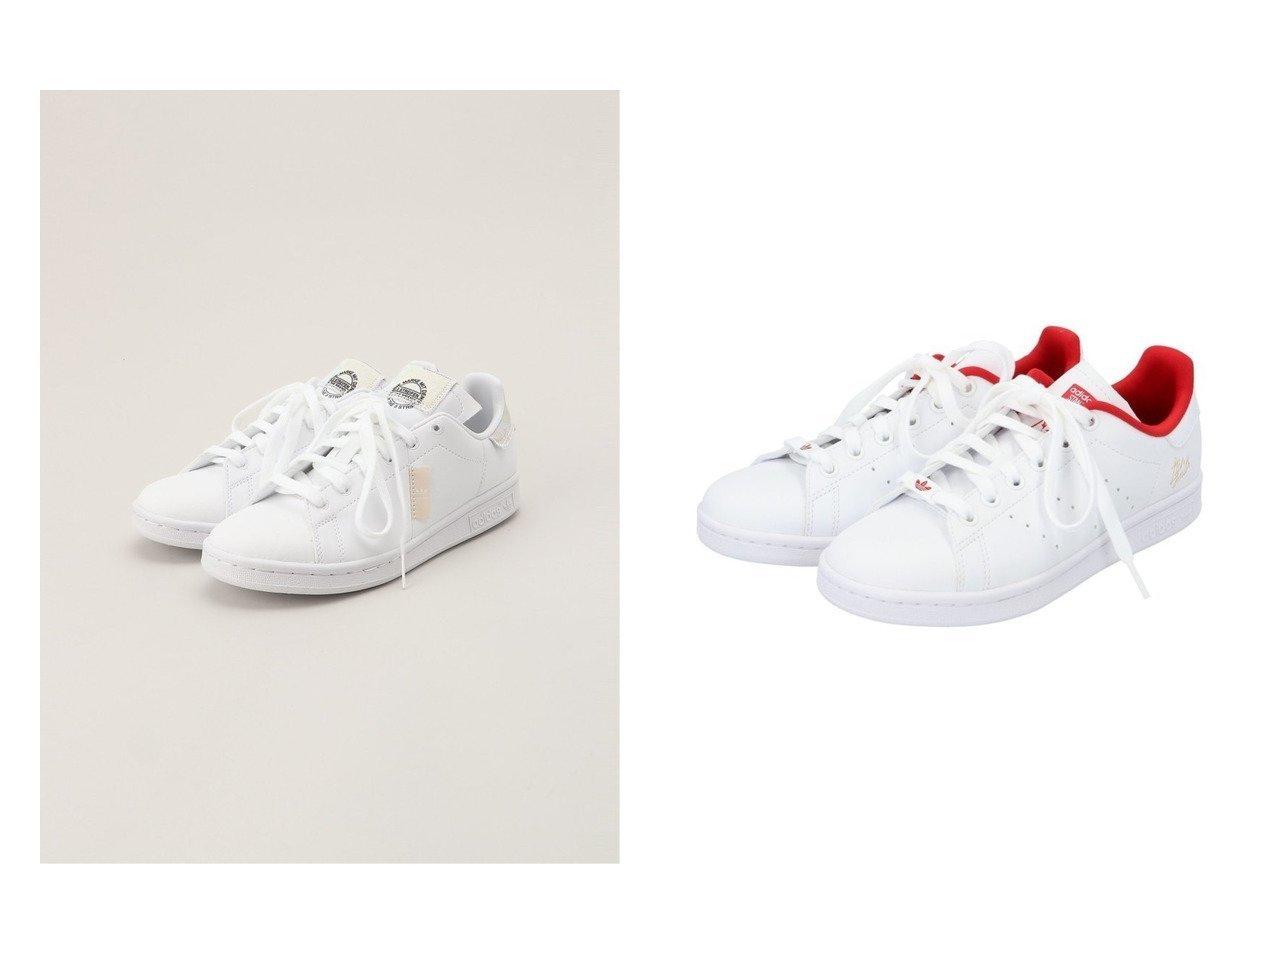 【adidas Originals/アディダス オリジナルス】のスタンスミス STAN SMITH アディダスオリジナルス&スタンスミス STAN SMITH アディダスオリジナルス おすすめ!人気、トレンド・レディースファッションの通販 おすすめで人気の流行・トレンド、ファッションの通販商品 インテリア・家具・メンズファッション・キッズファッション・レディースファッション・服の通販 founy(ファニー) https://founy.com/ ファッション Fashion レディースファッション WOMEN シューズ スニーカー スポーツ スリッポン 定番 Standard フィット ミックス ライニング 再入荷 Restock/Back in Stock/Re Arrival  ID:crp329100000072400